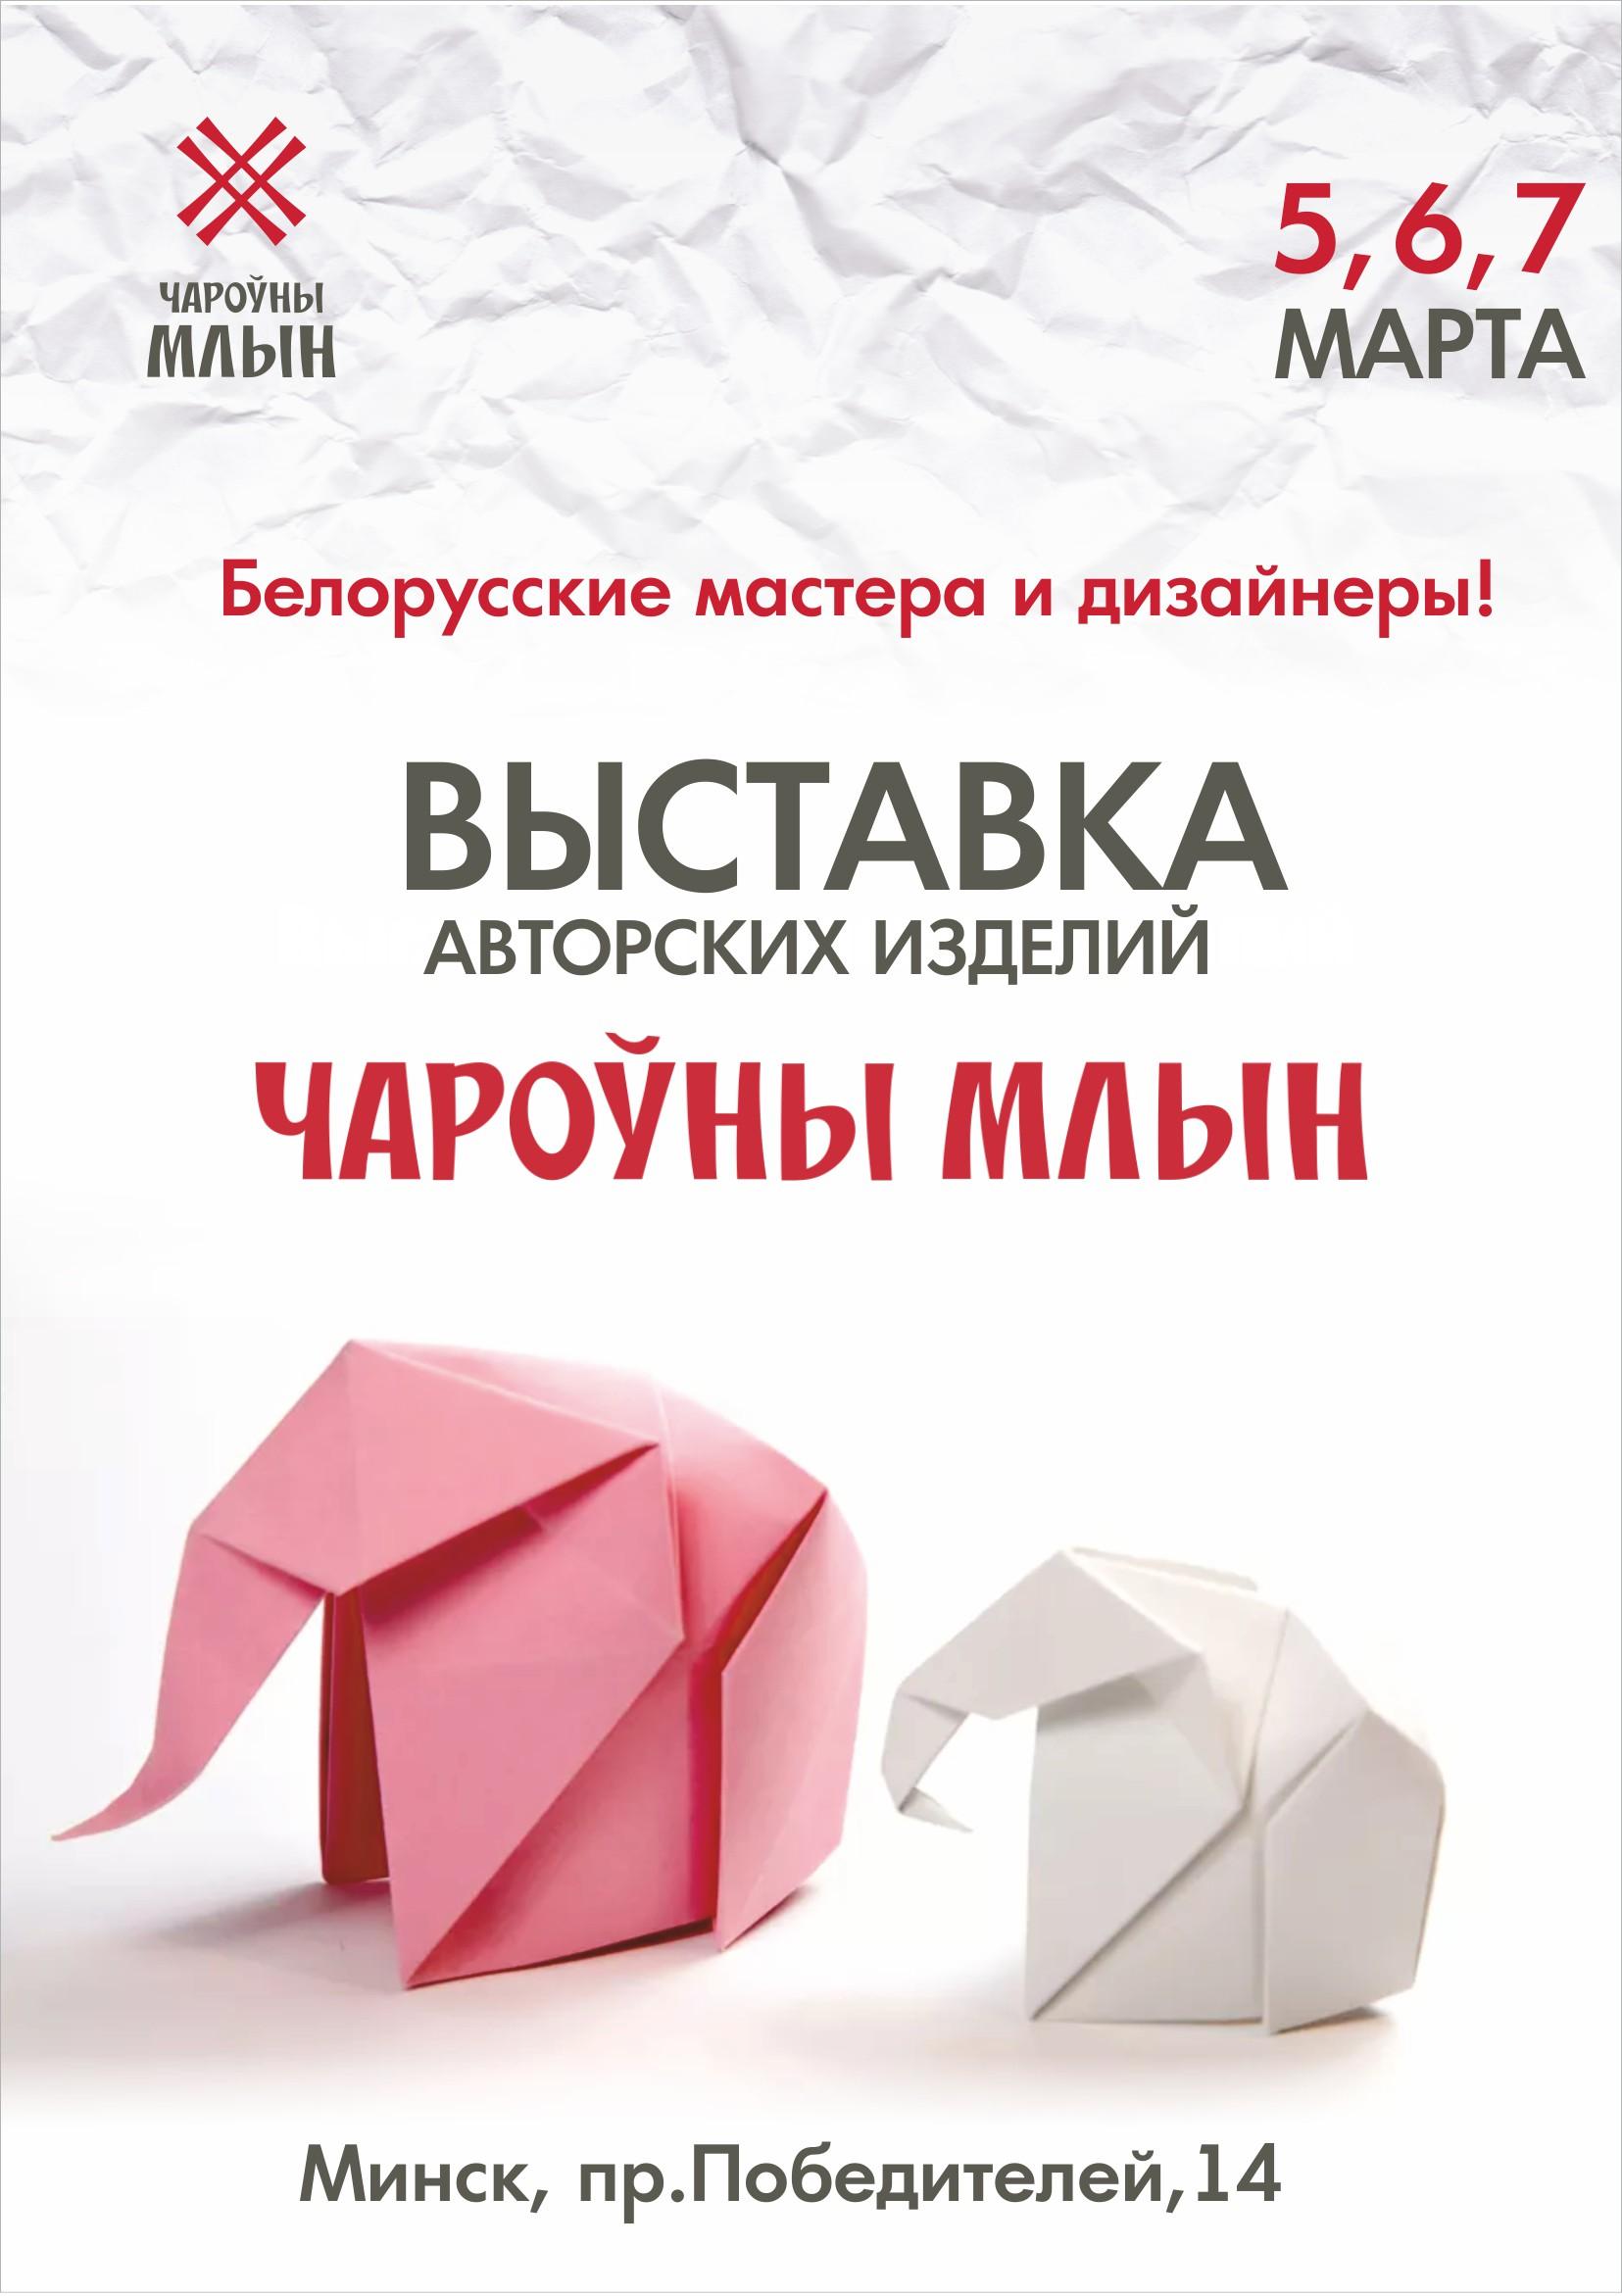 Дизайн-макет афиши выставки ручной работы фото f_798600042fb62b5b.jpg